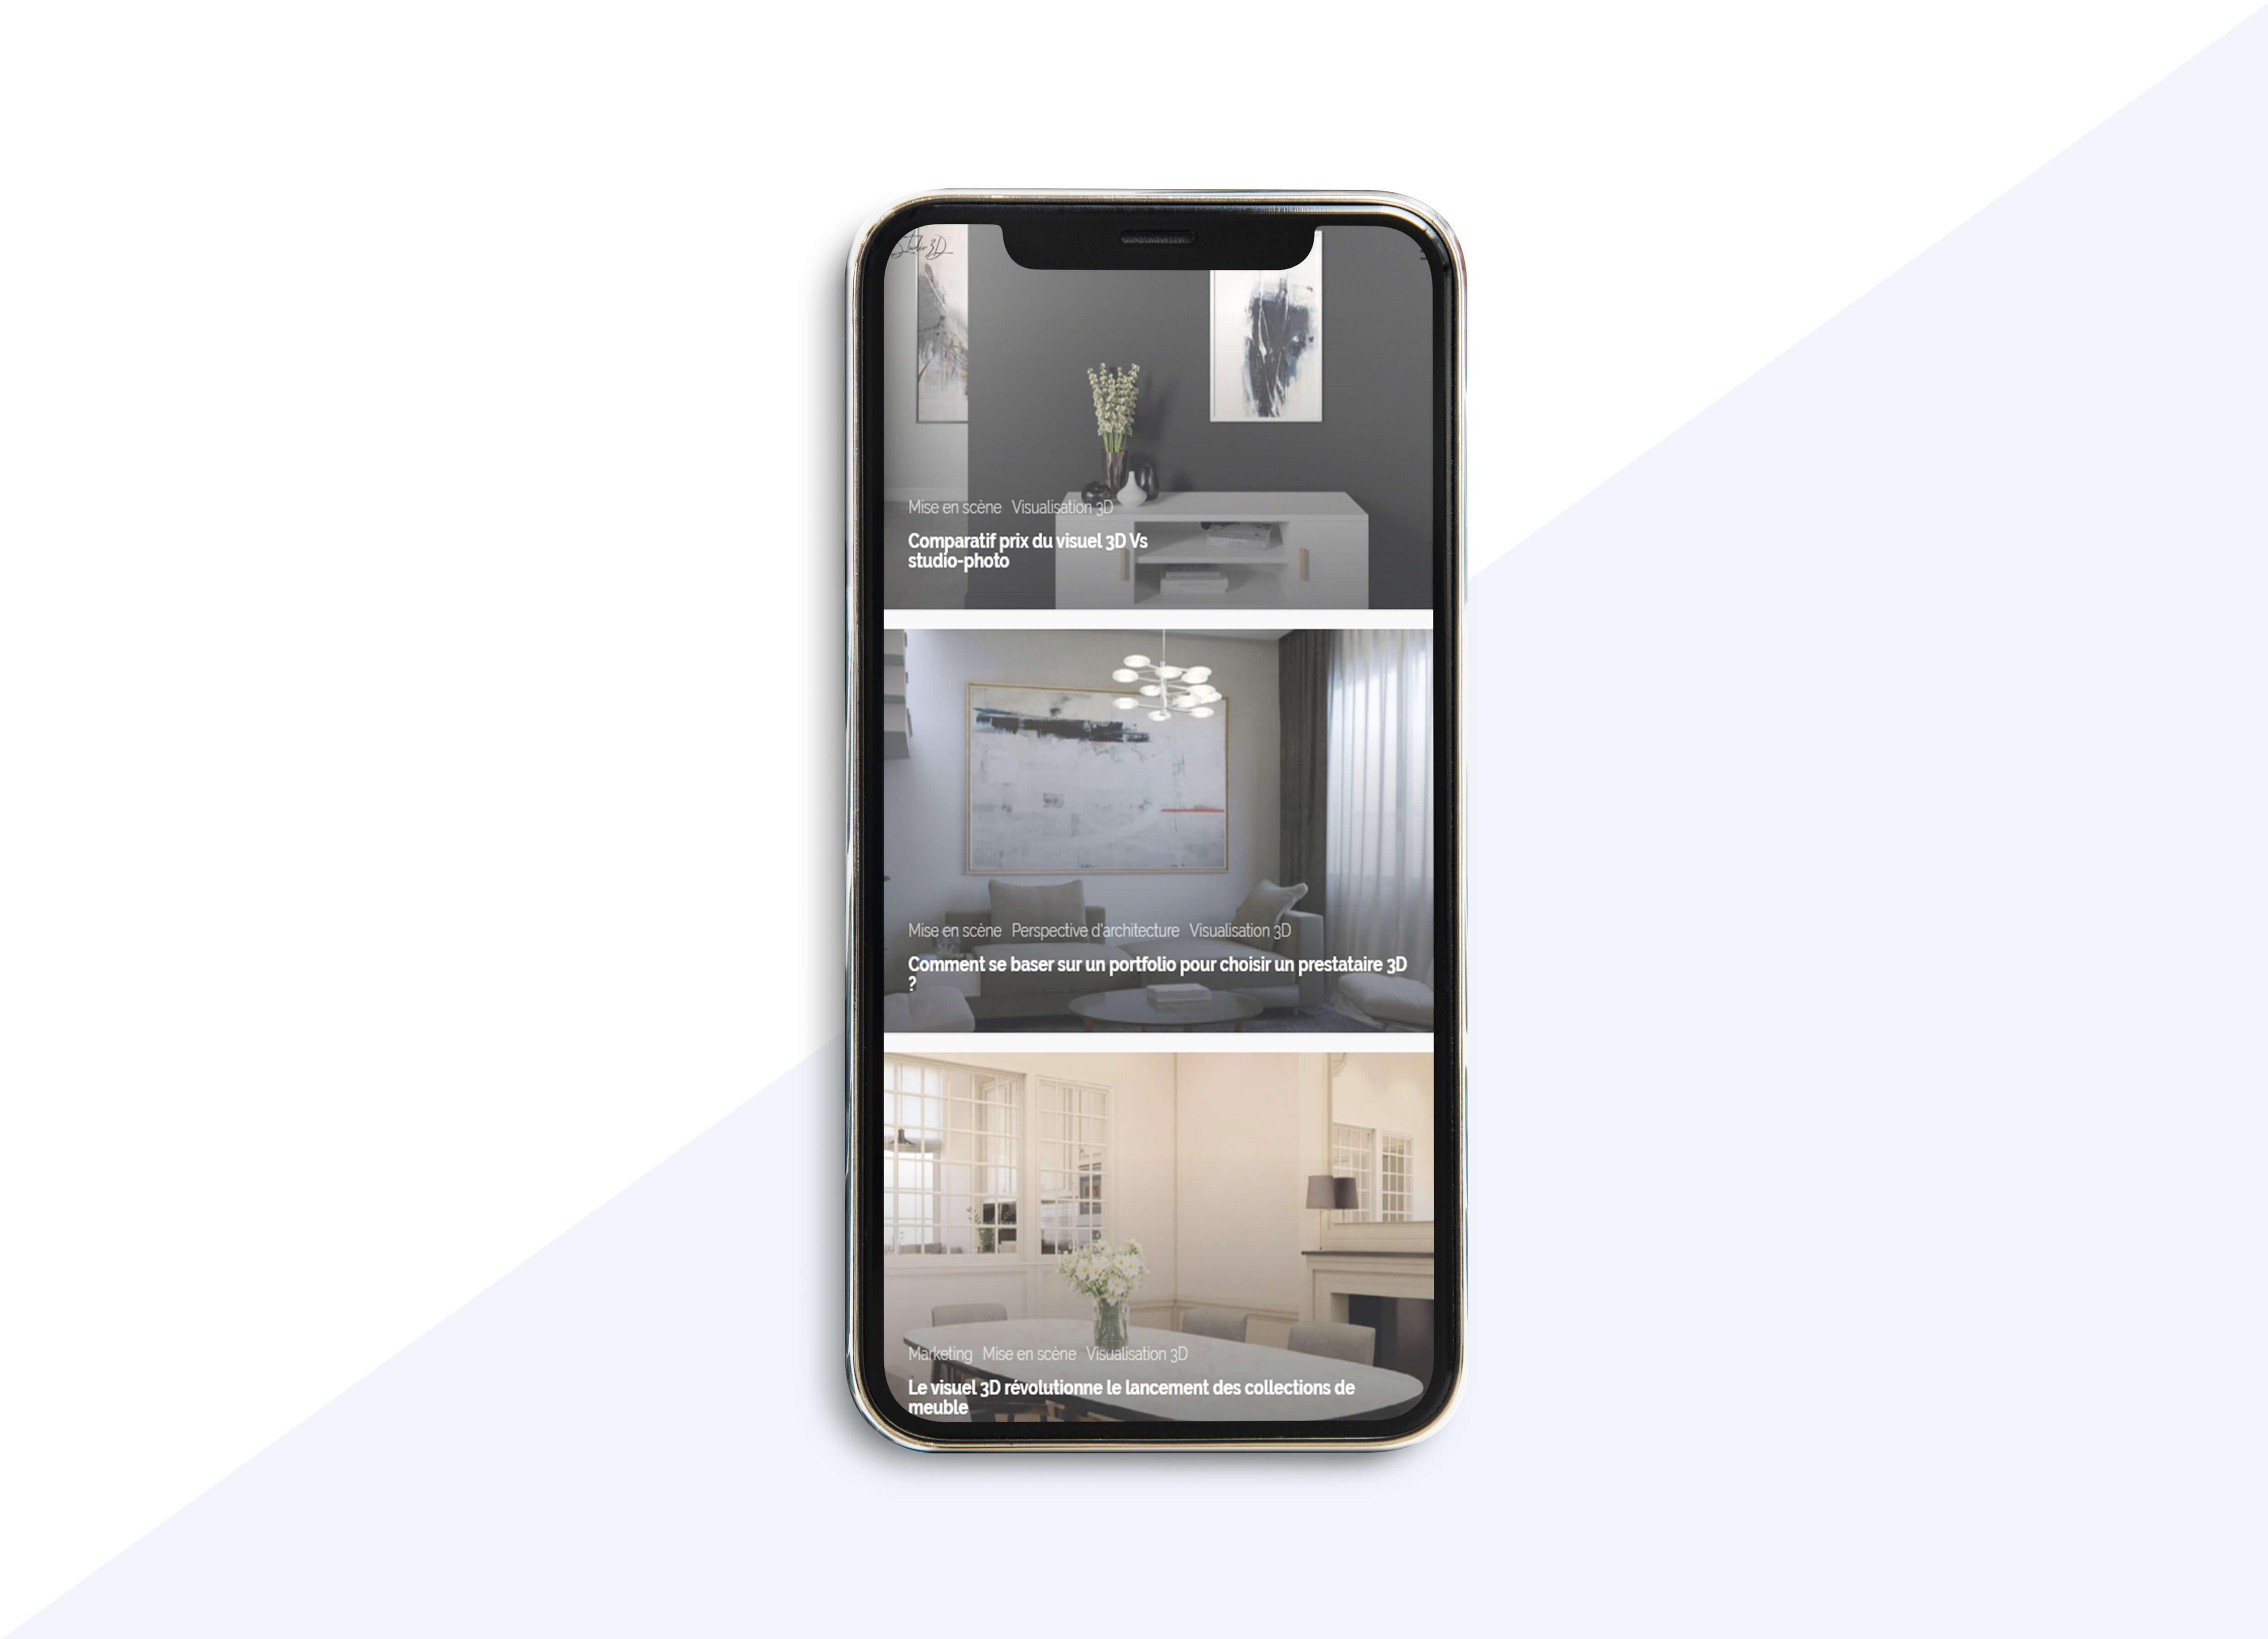 utilisation de visuels 3D dans un site responsive - marché du meuble sur internet